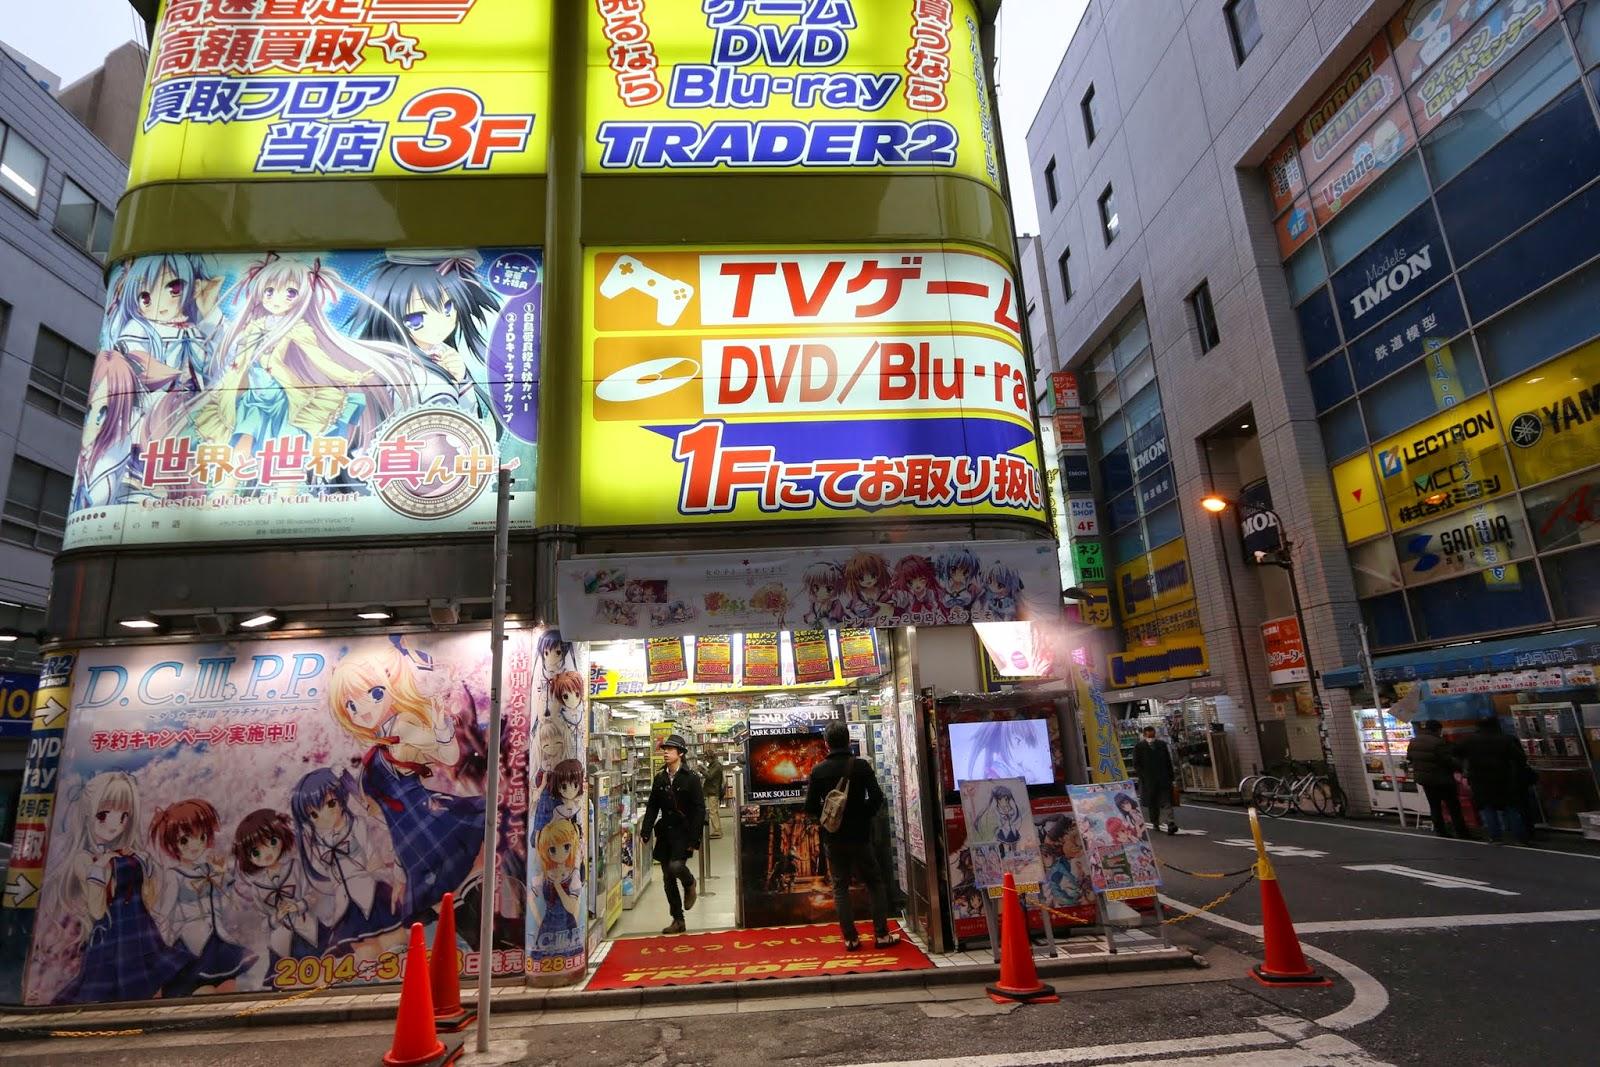 A shop sells anime and manga at Akihabara in Tokyo, Japan